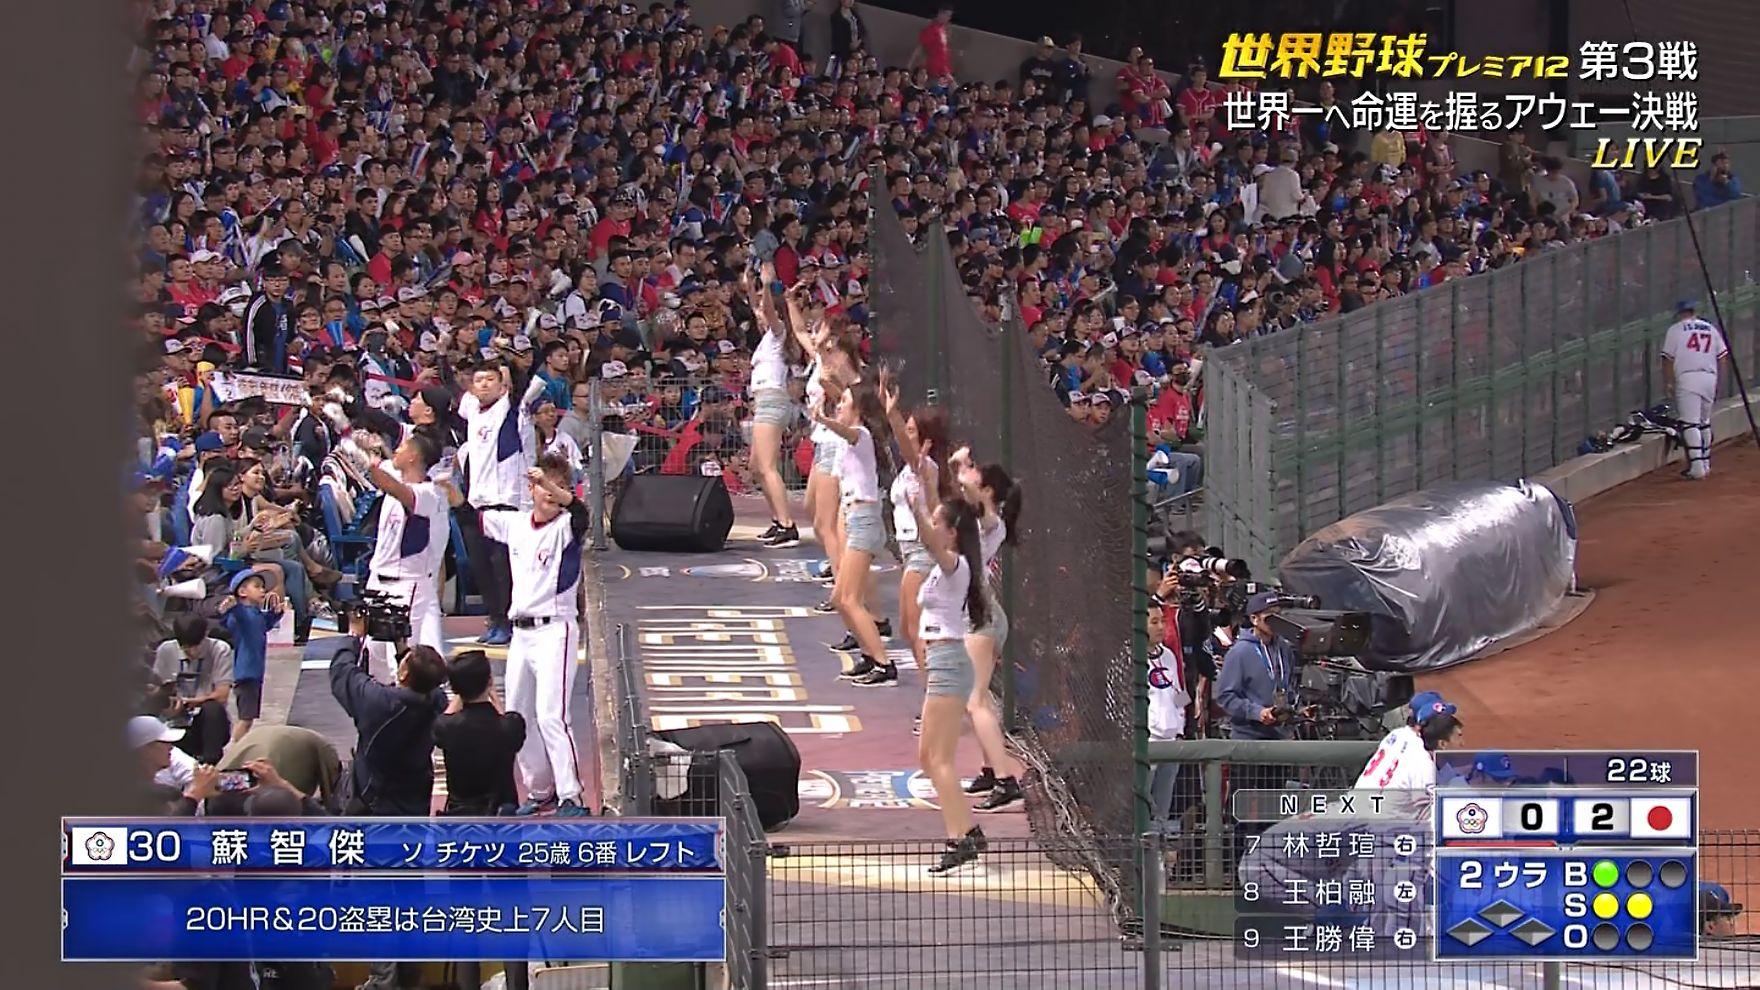 世界野球プレミア12 日本vs台湾のテレビキャプチャー画像-253